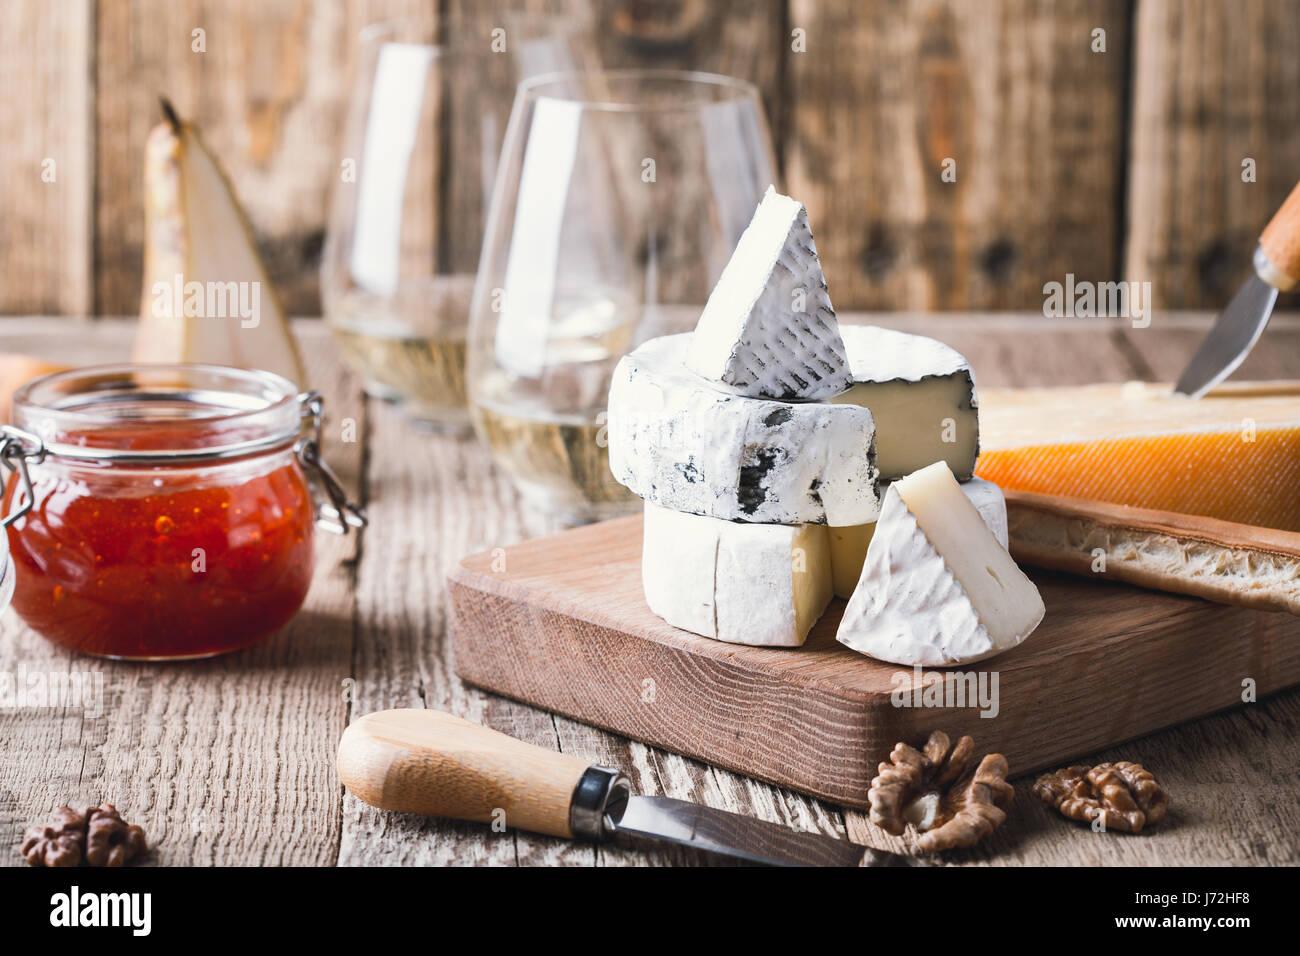 Assiette de fromage servi avec du vin blanc, de confiture et de noix sur planche de bois sur la table rustique Photo Stock